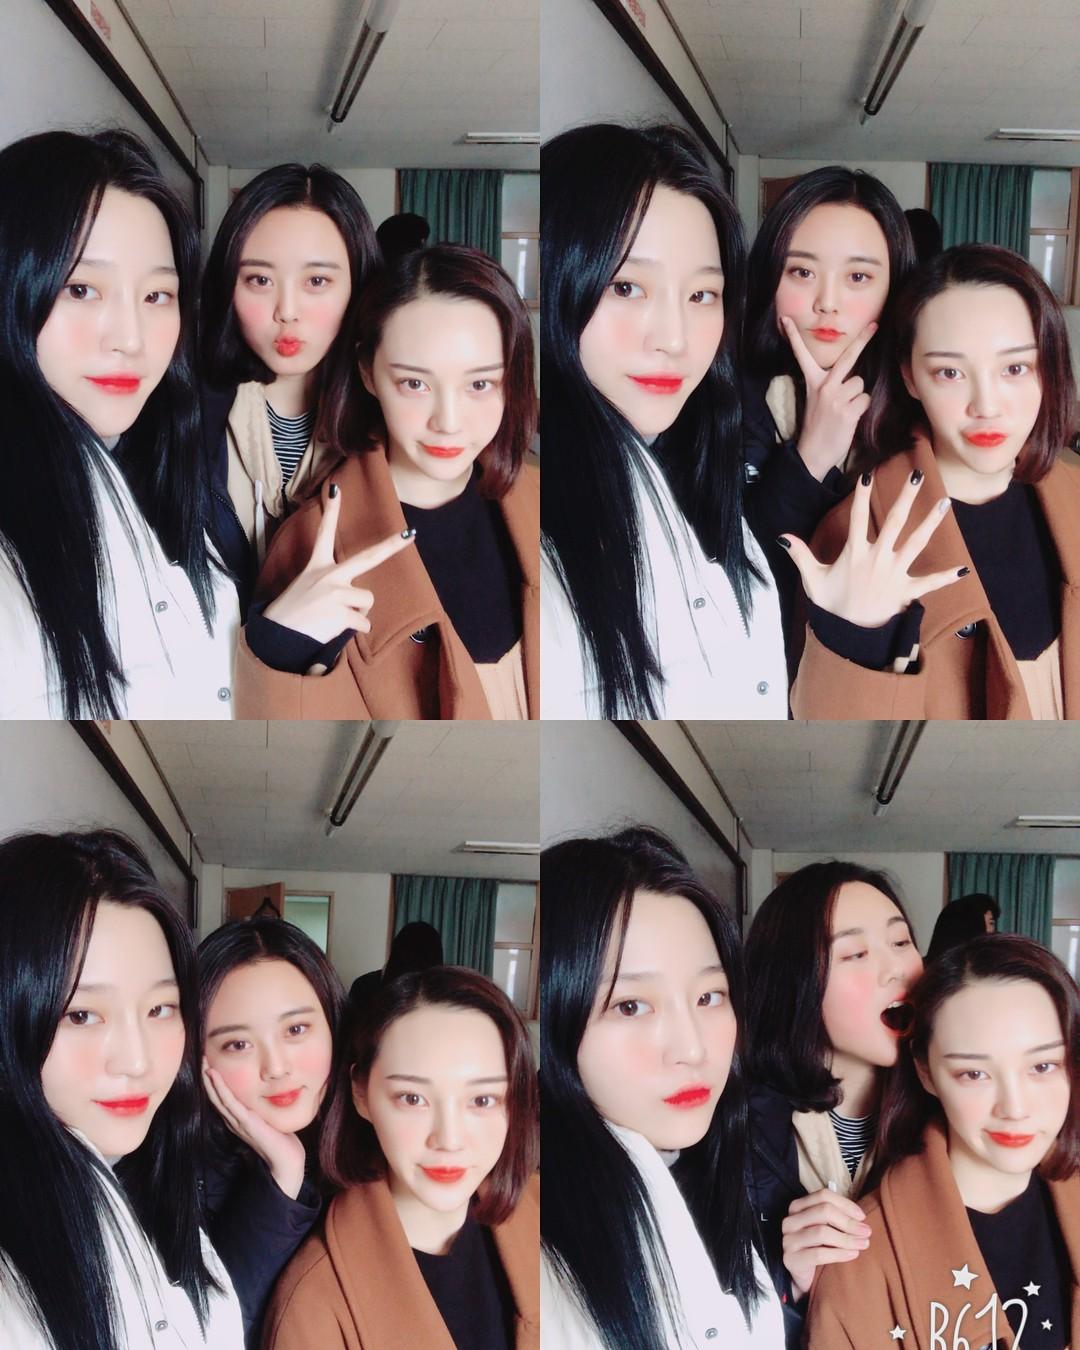 Đây là lò đào tạo idol có nhiều nữ sinh xinh đẹp nhất Hàn Quốc - Ảnh 9.